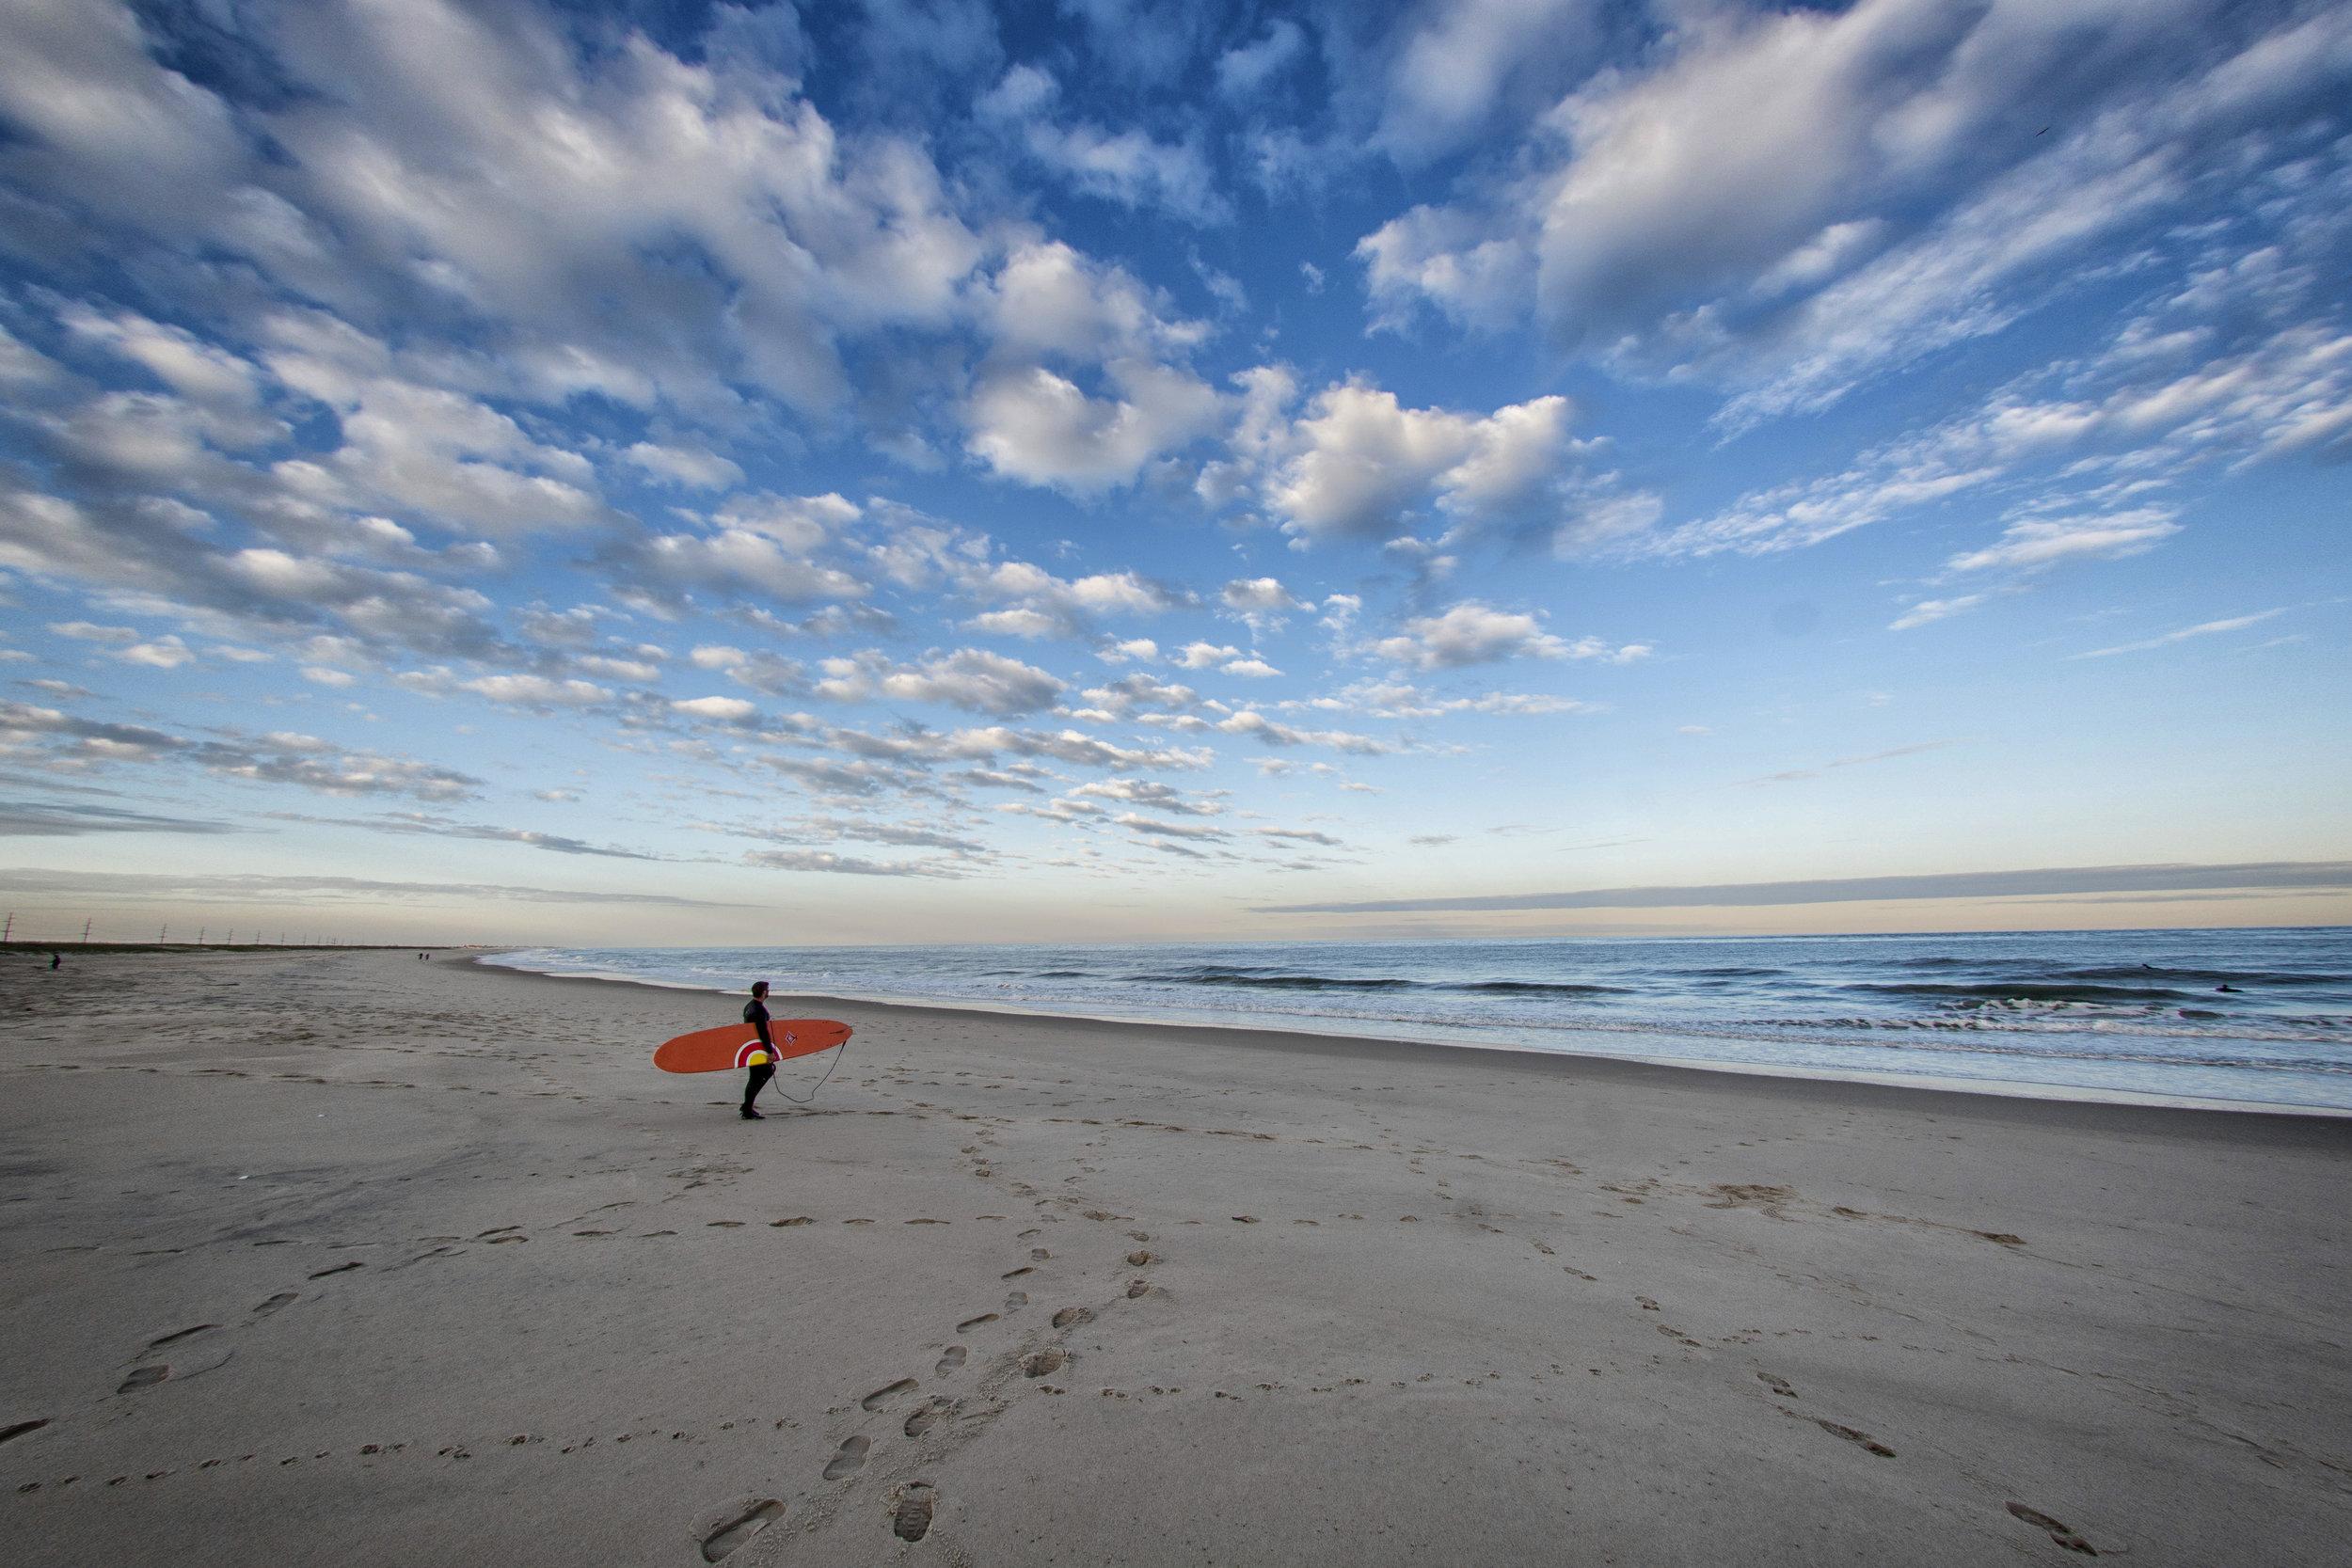 Indian River Inlet surfer